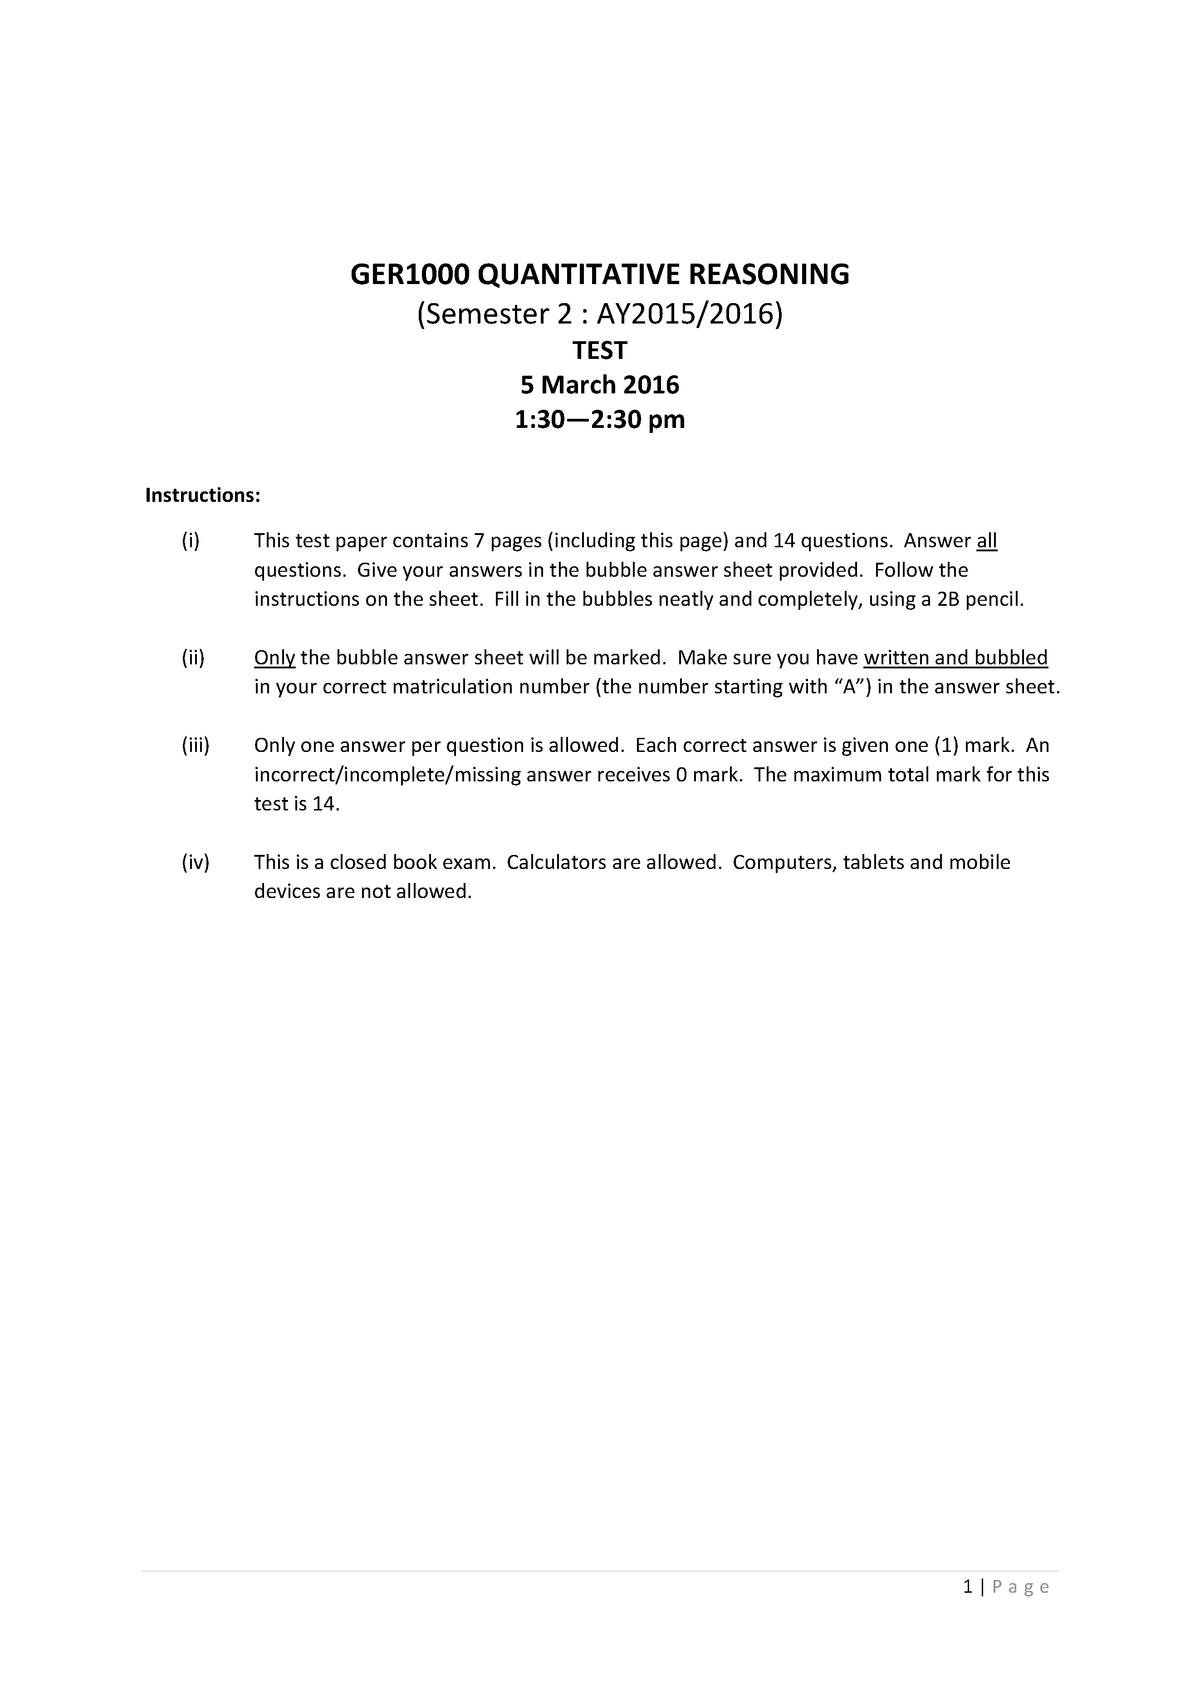 GER1000 Practice paper - Quantitative Reasoning - NUS - StuDocu